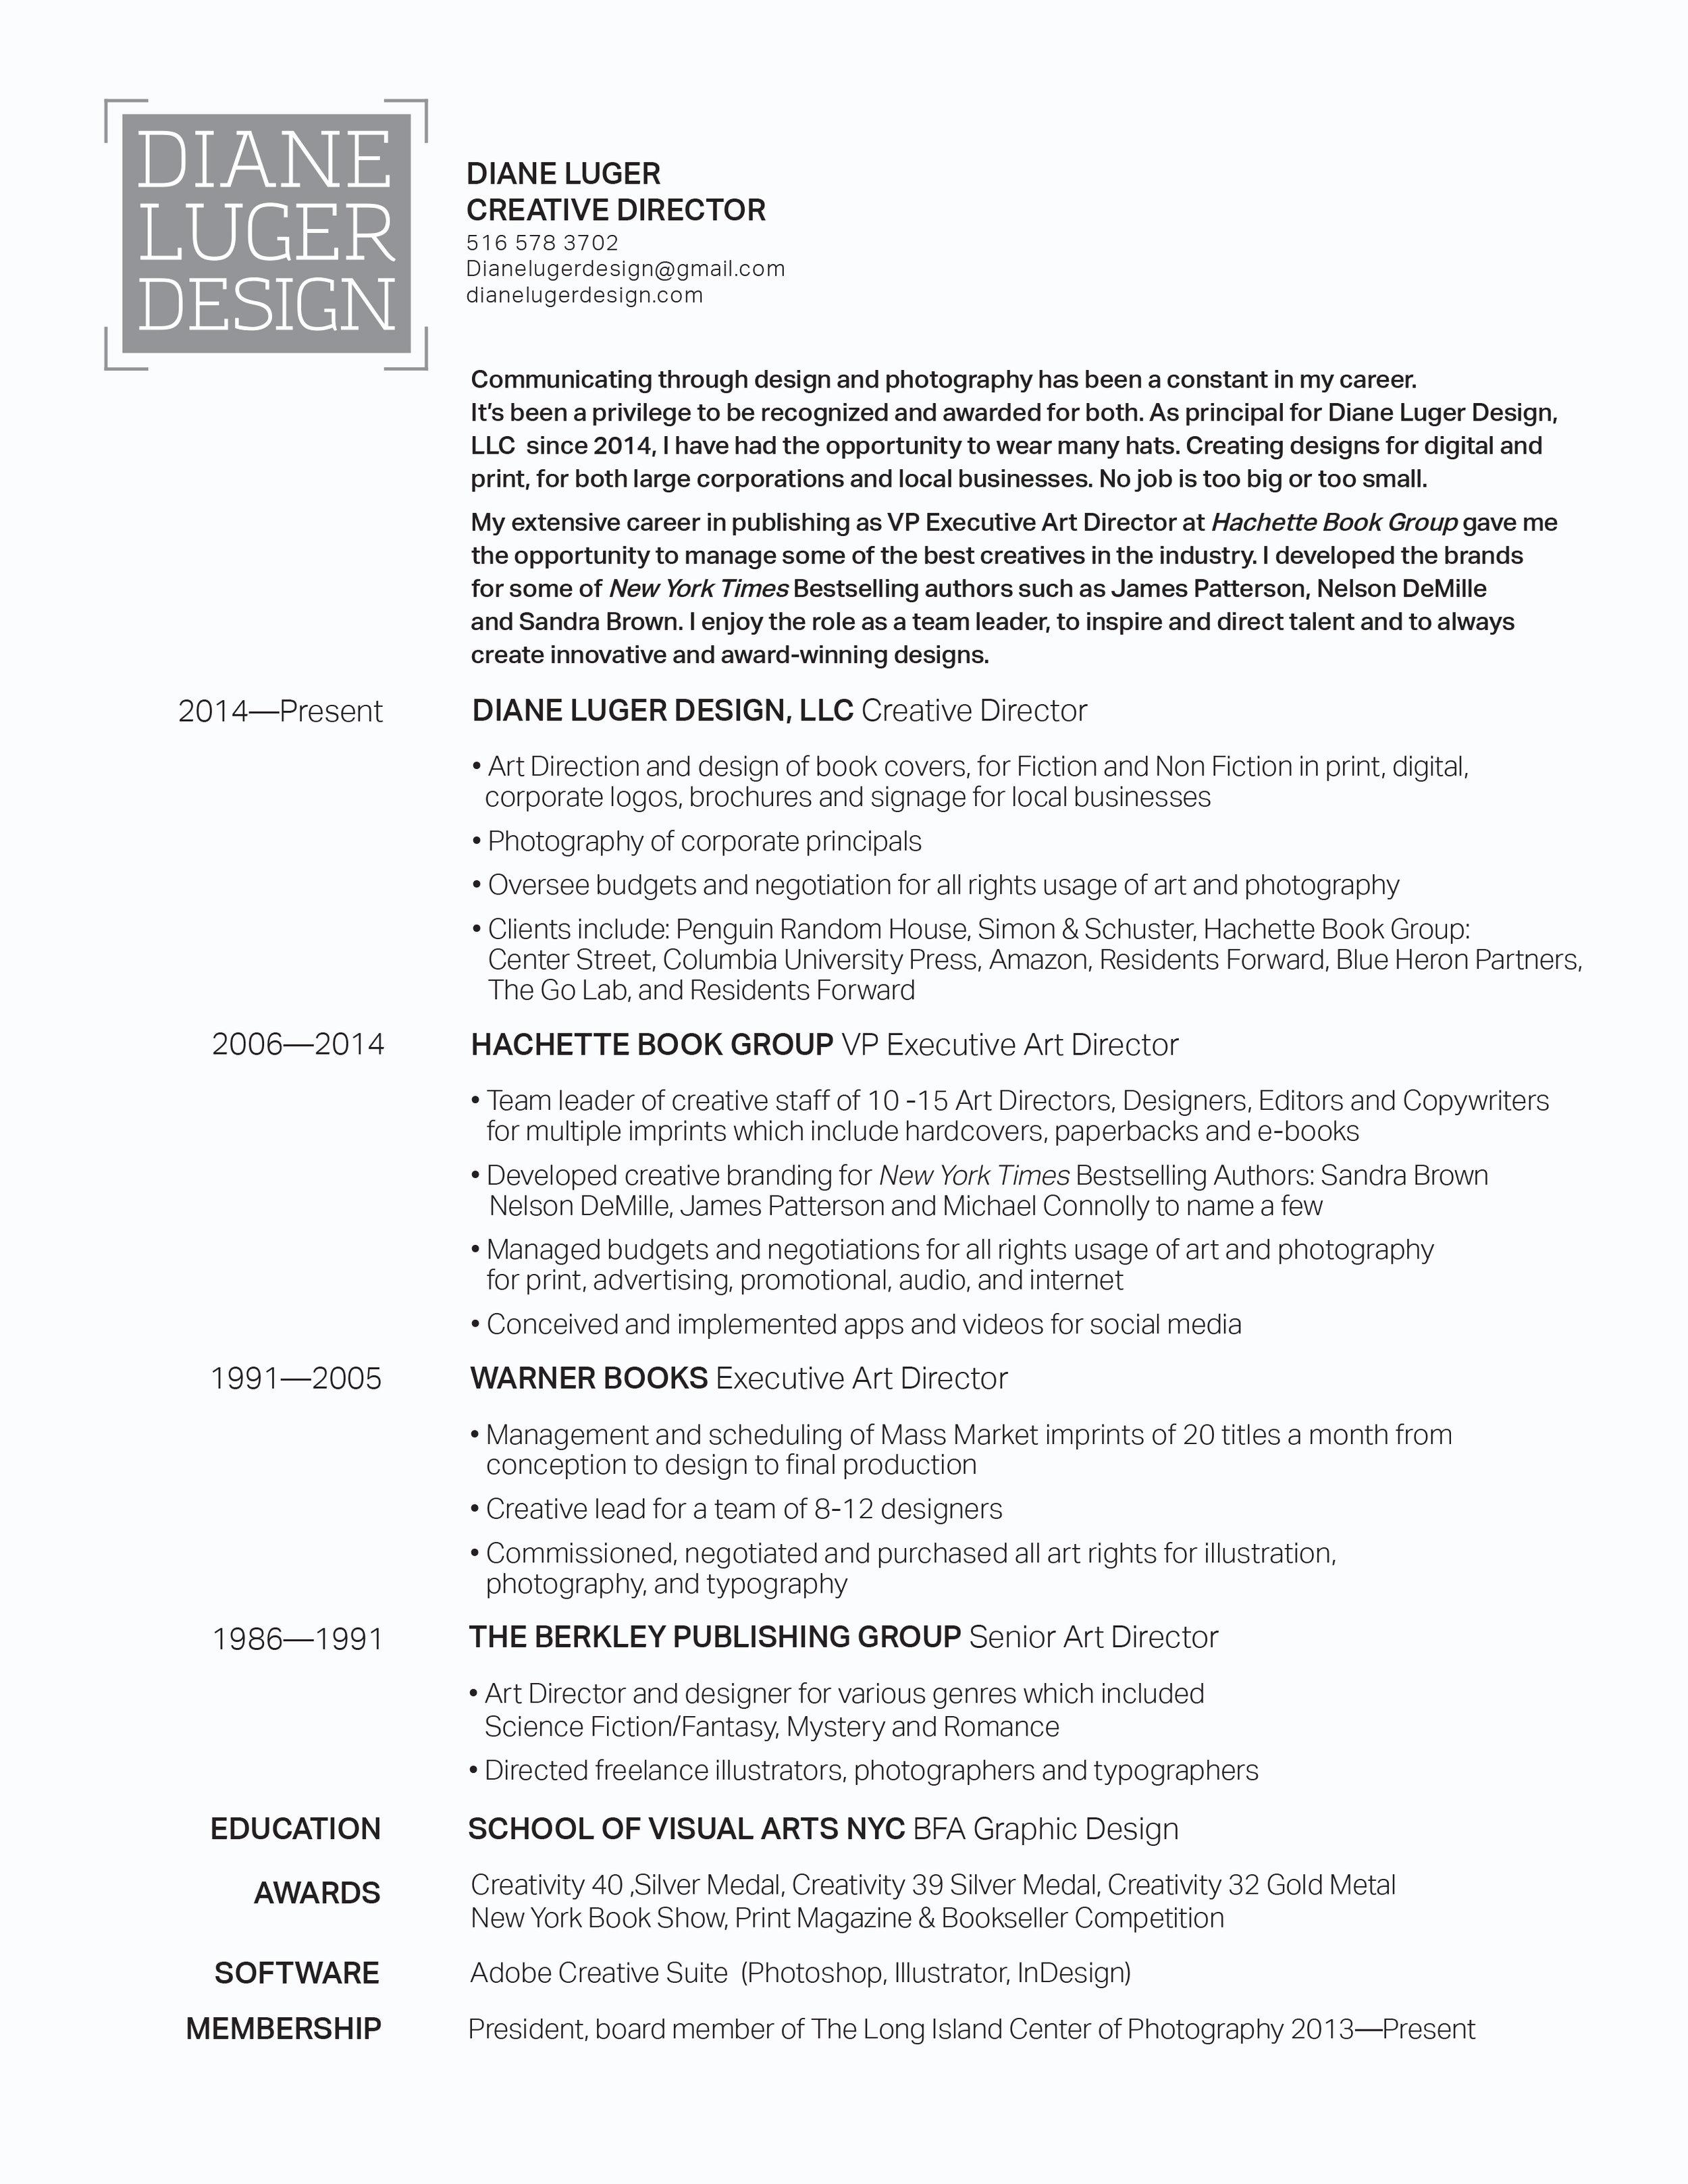 Diane_Luger_ resume.jpg